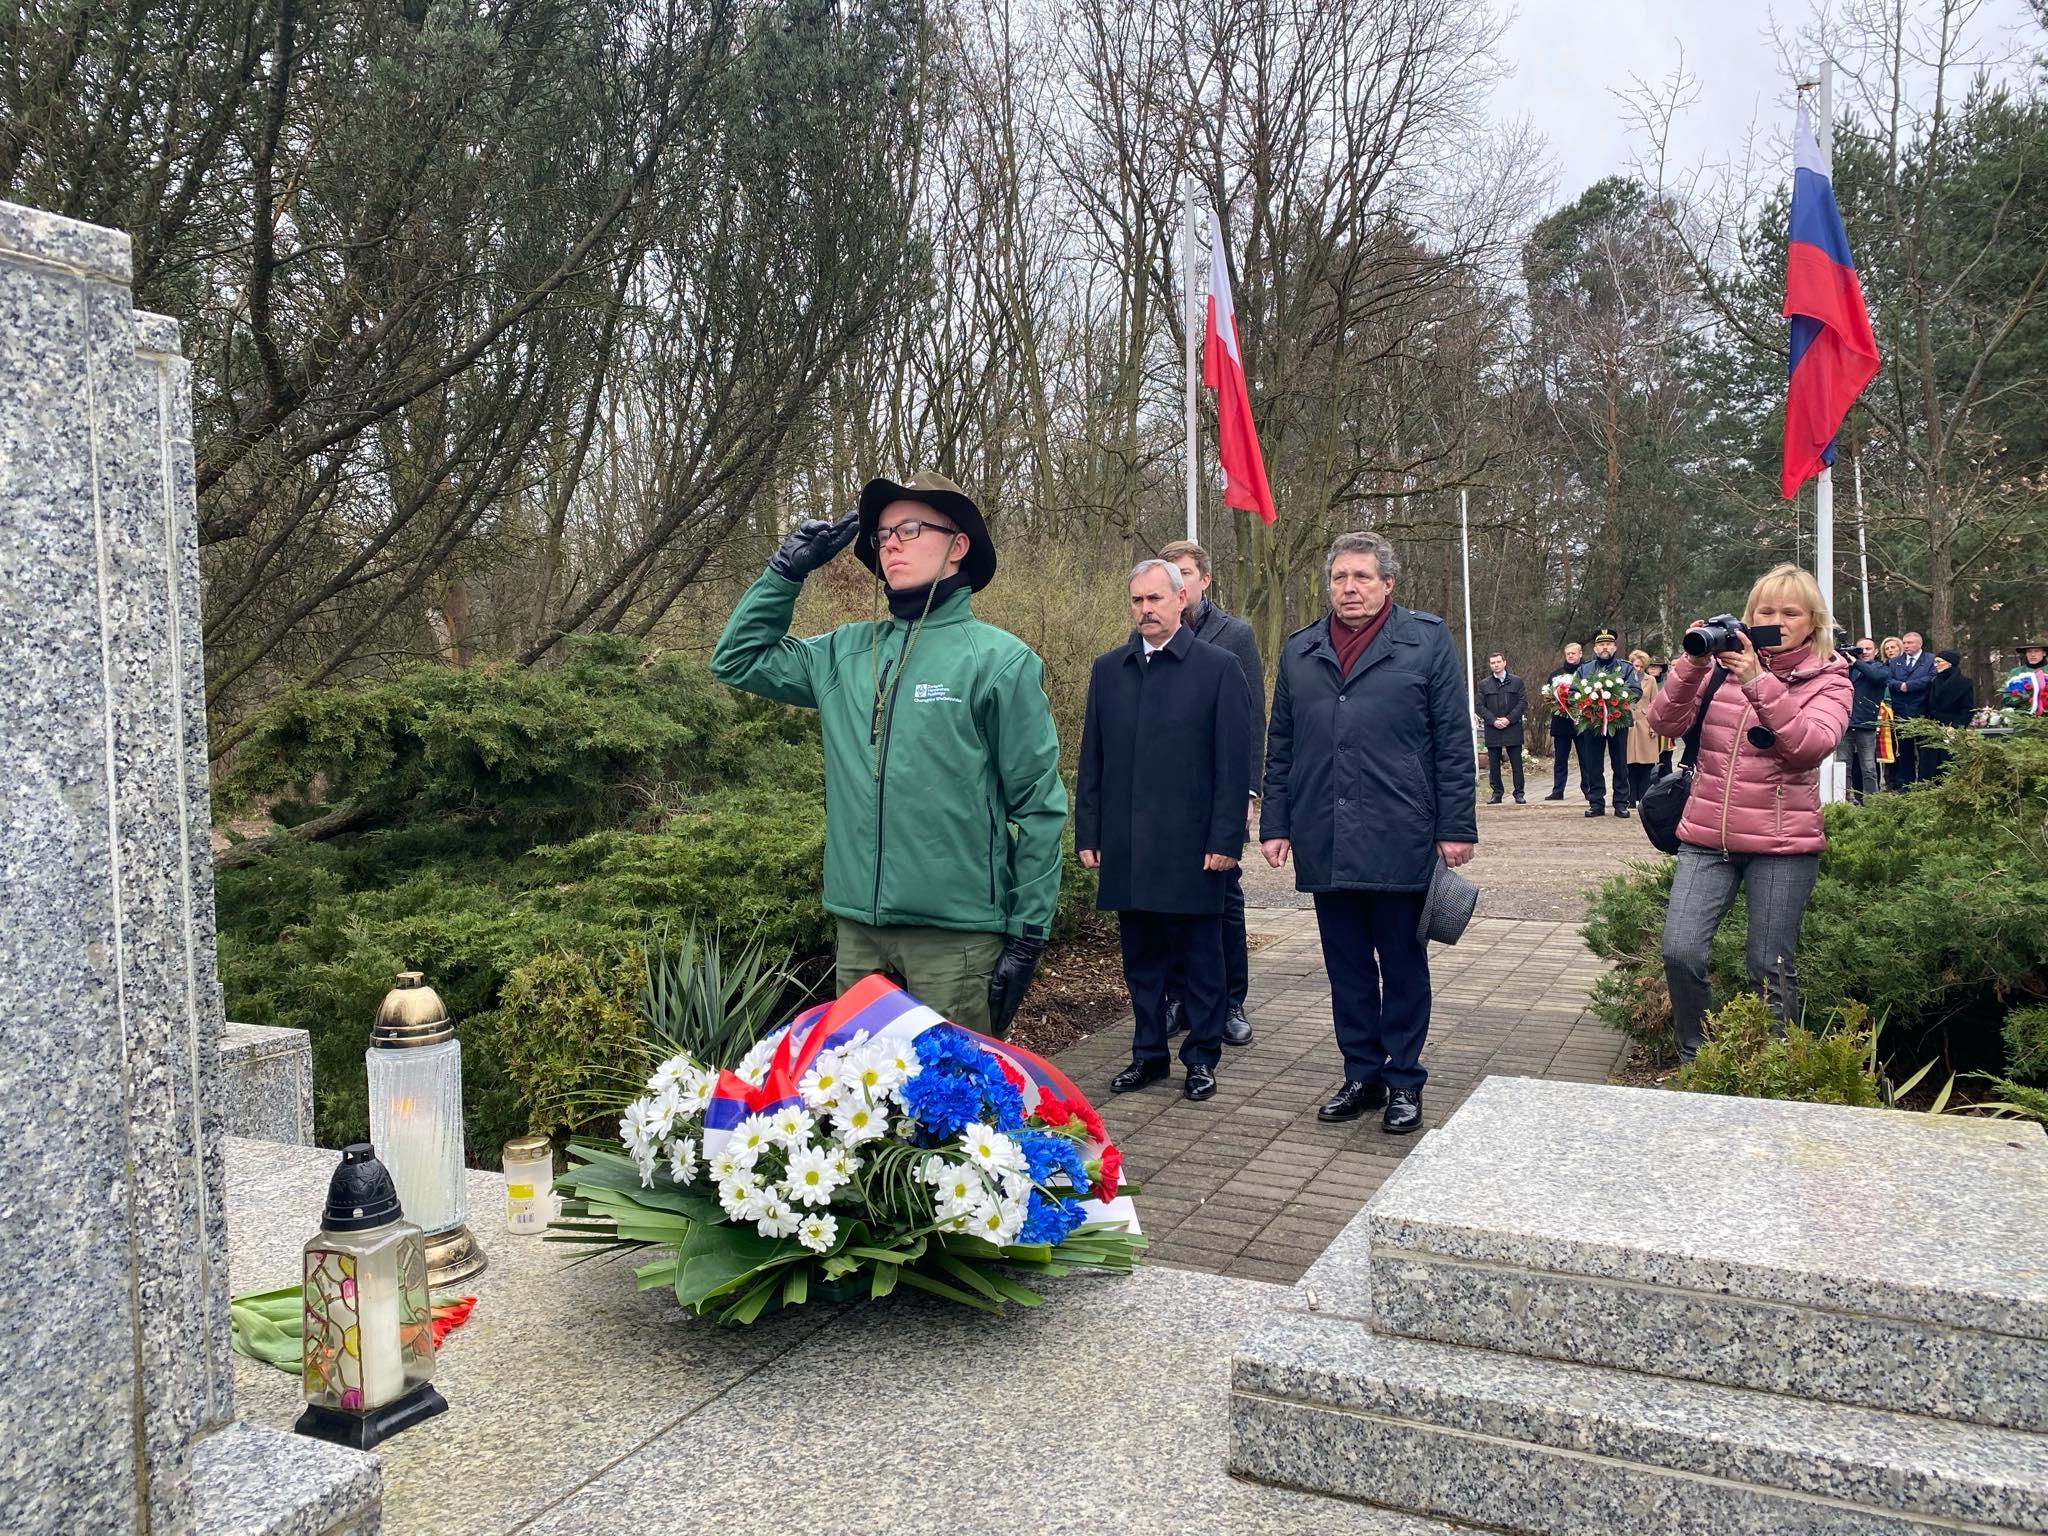 składanie kwiatów miłostowo walki poznan - Michał Jędrkowiak